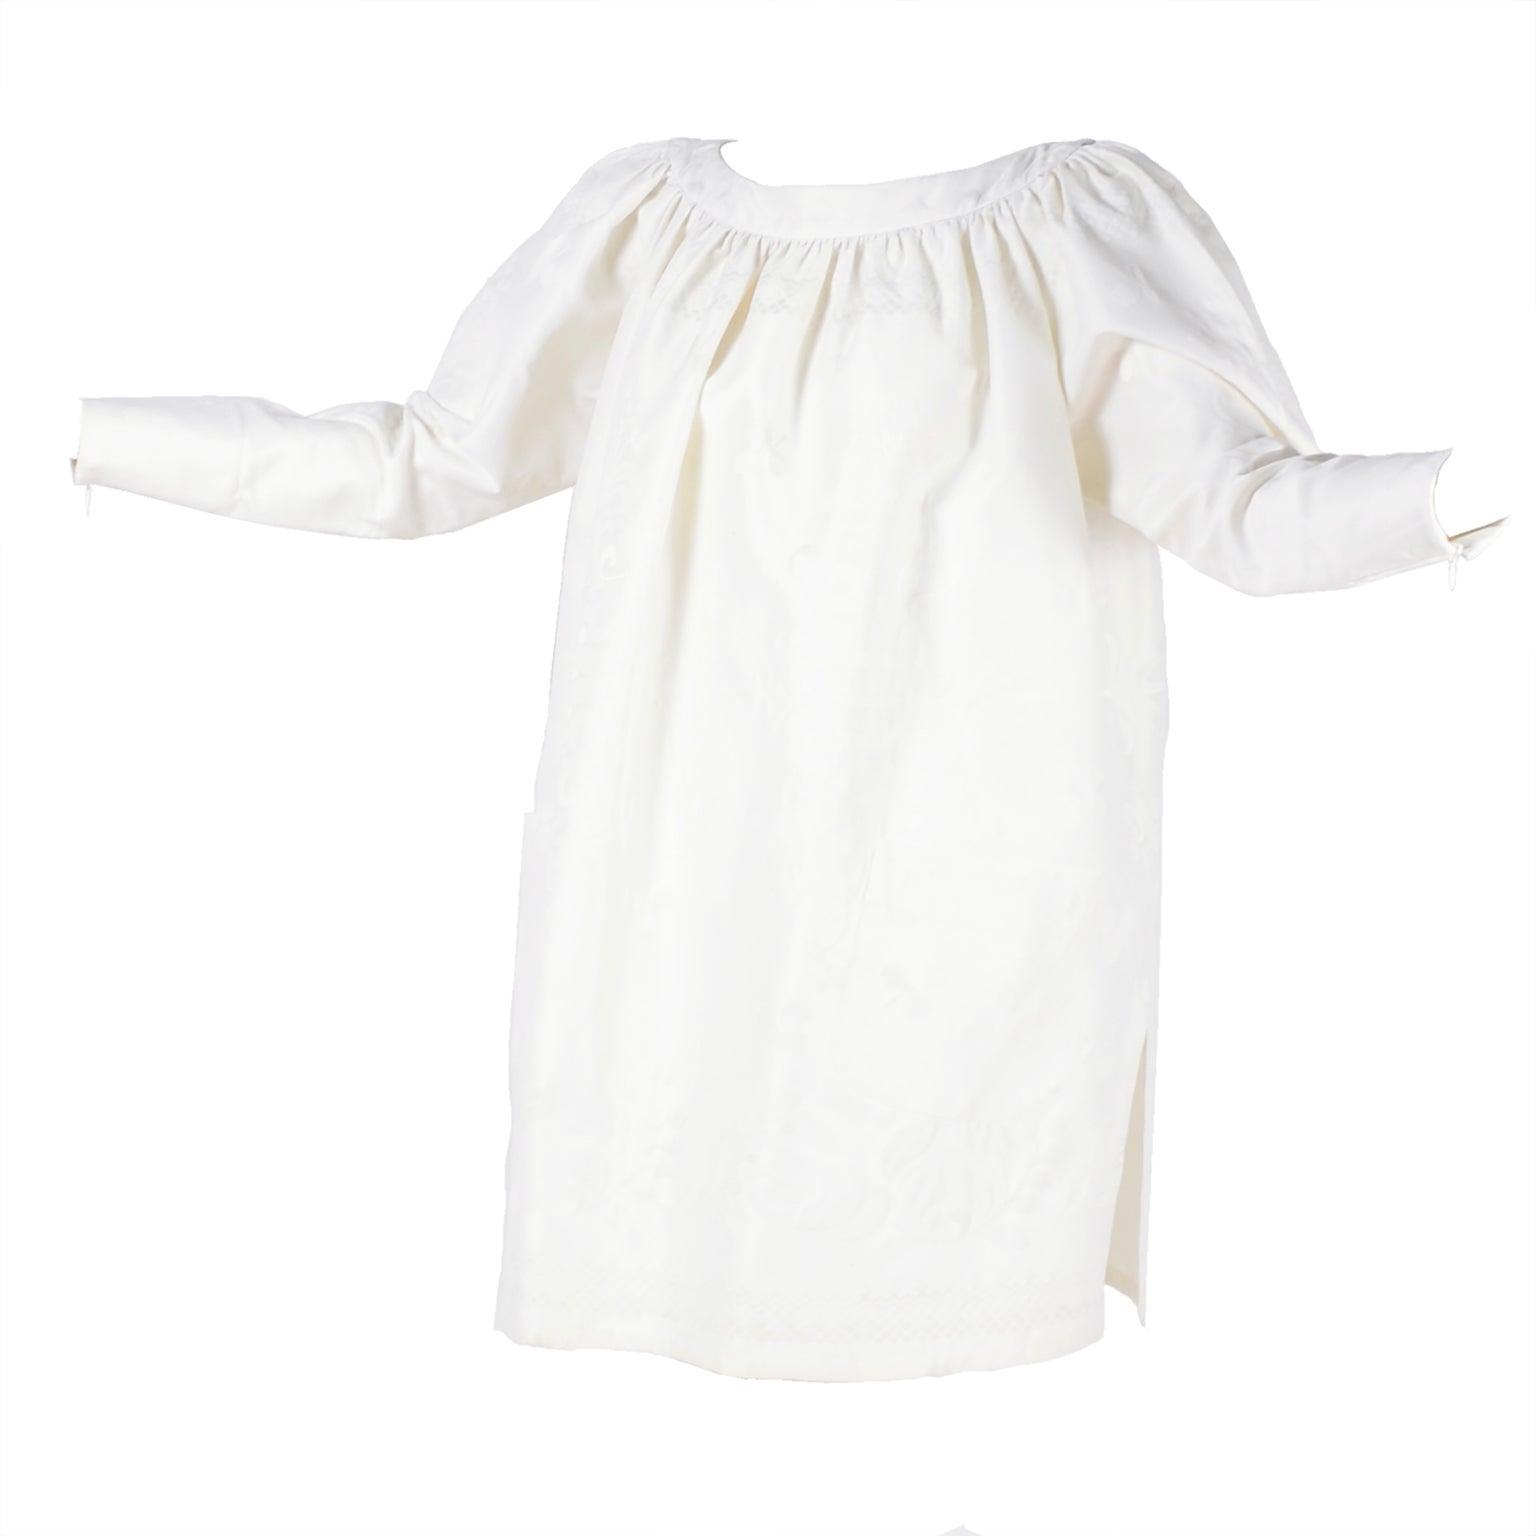 1980s Christian Lacroix Vintage White Linen Dress With Original Tag